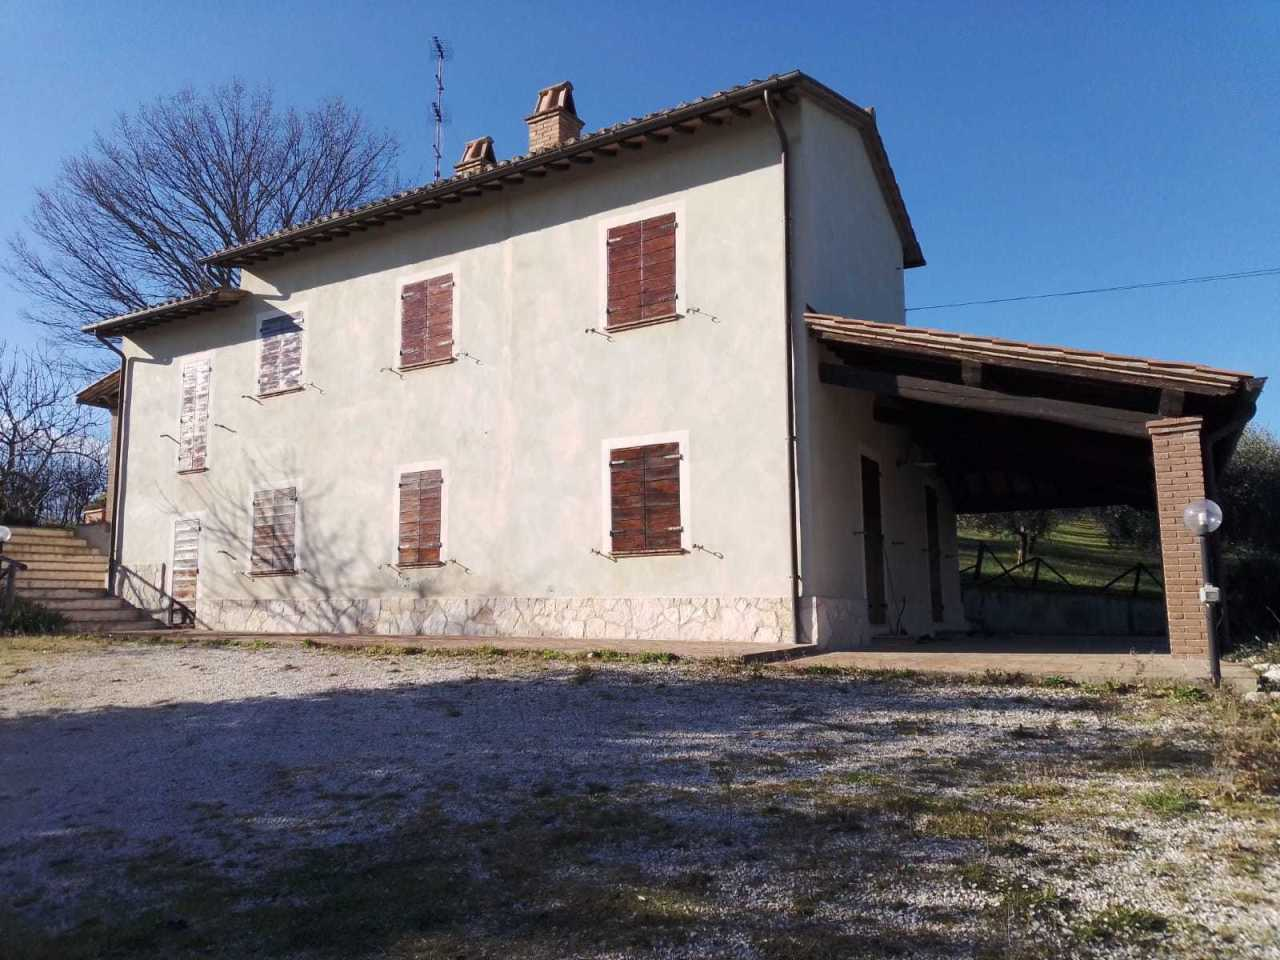 Soluzione Semindipendente in affitto a Avigliano Umbro, 4 locali, prezzo € 550   PortaleAgenzieImmobiliari.it